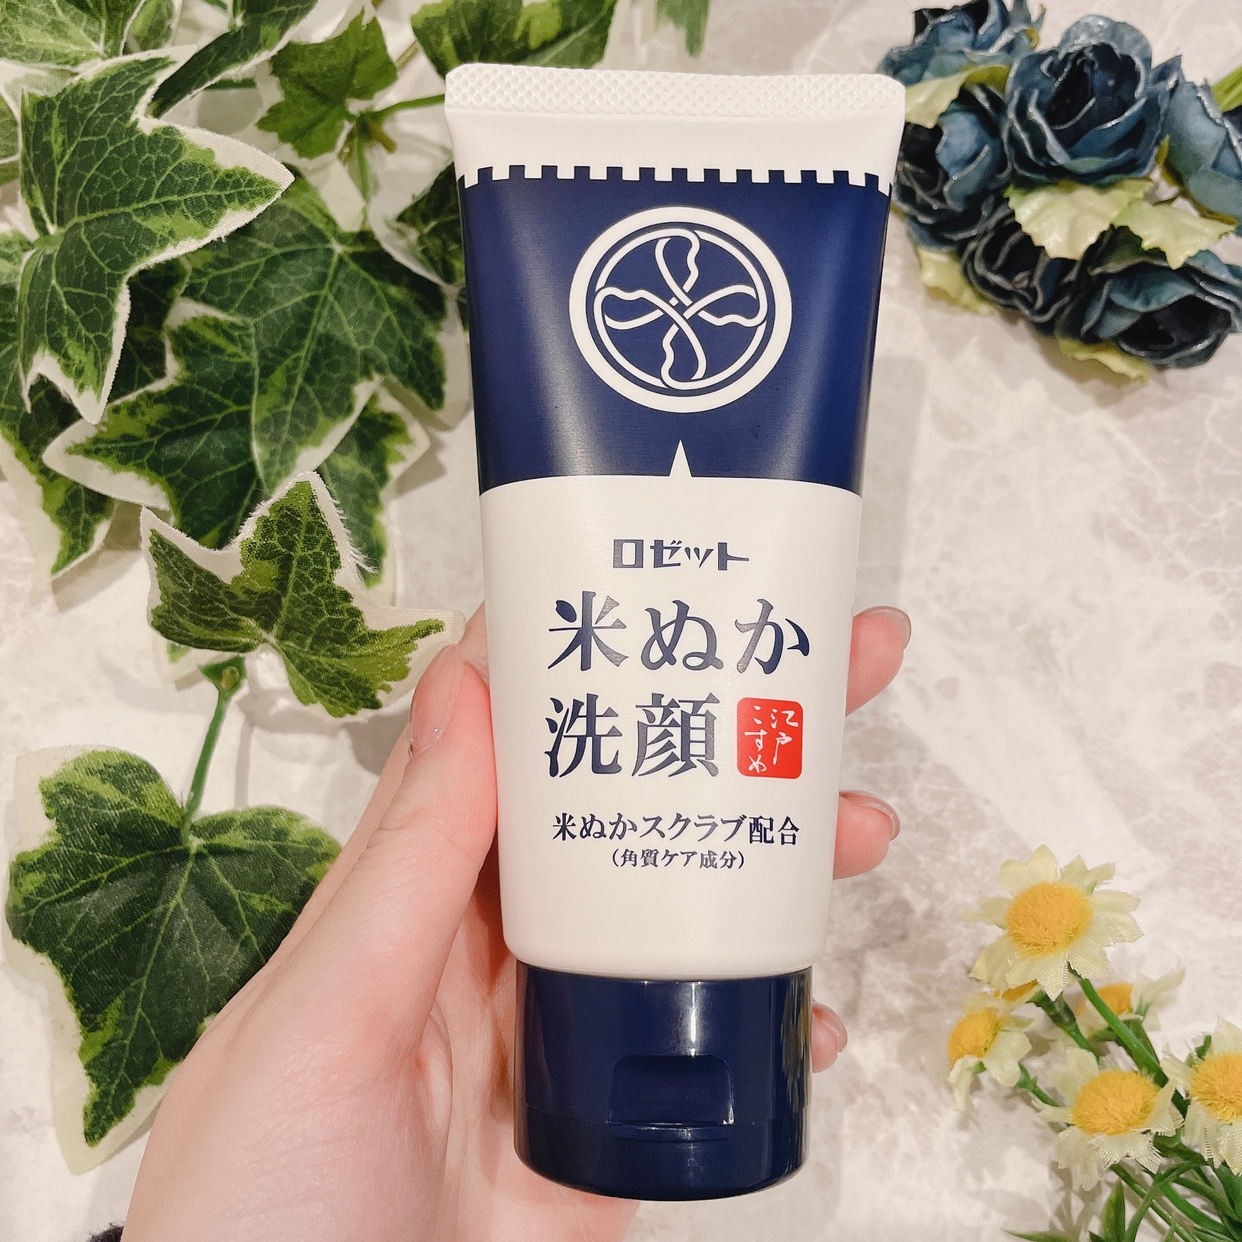 ROSETTE(ロゼット) 江戸こすめ 米ぬか洗顔を使ったひとみんさんのクチコミ画像3